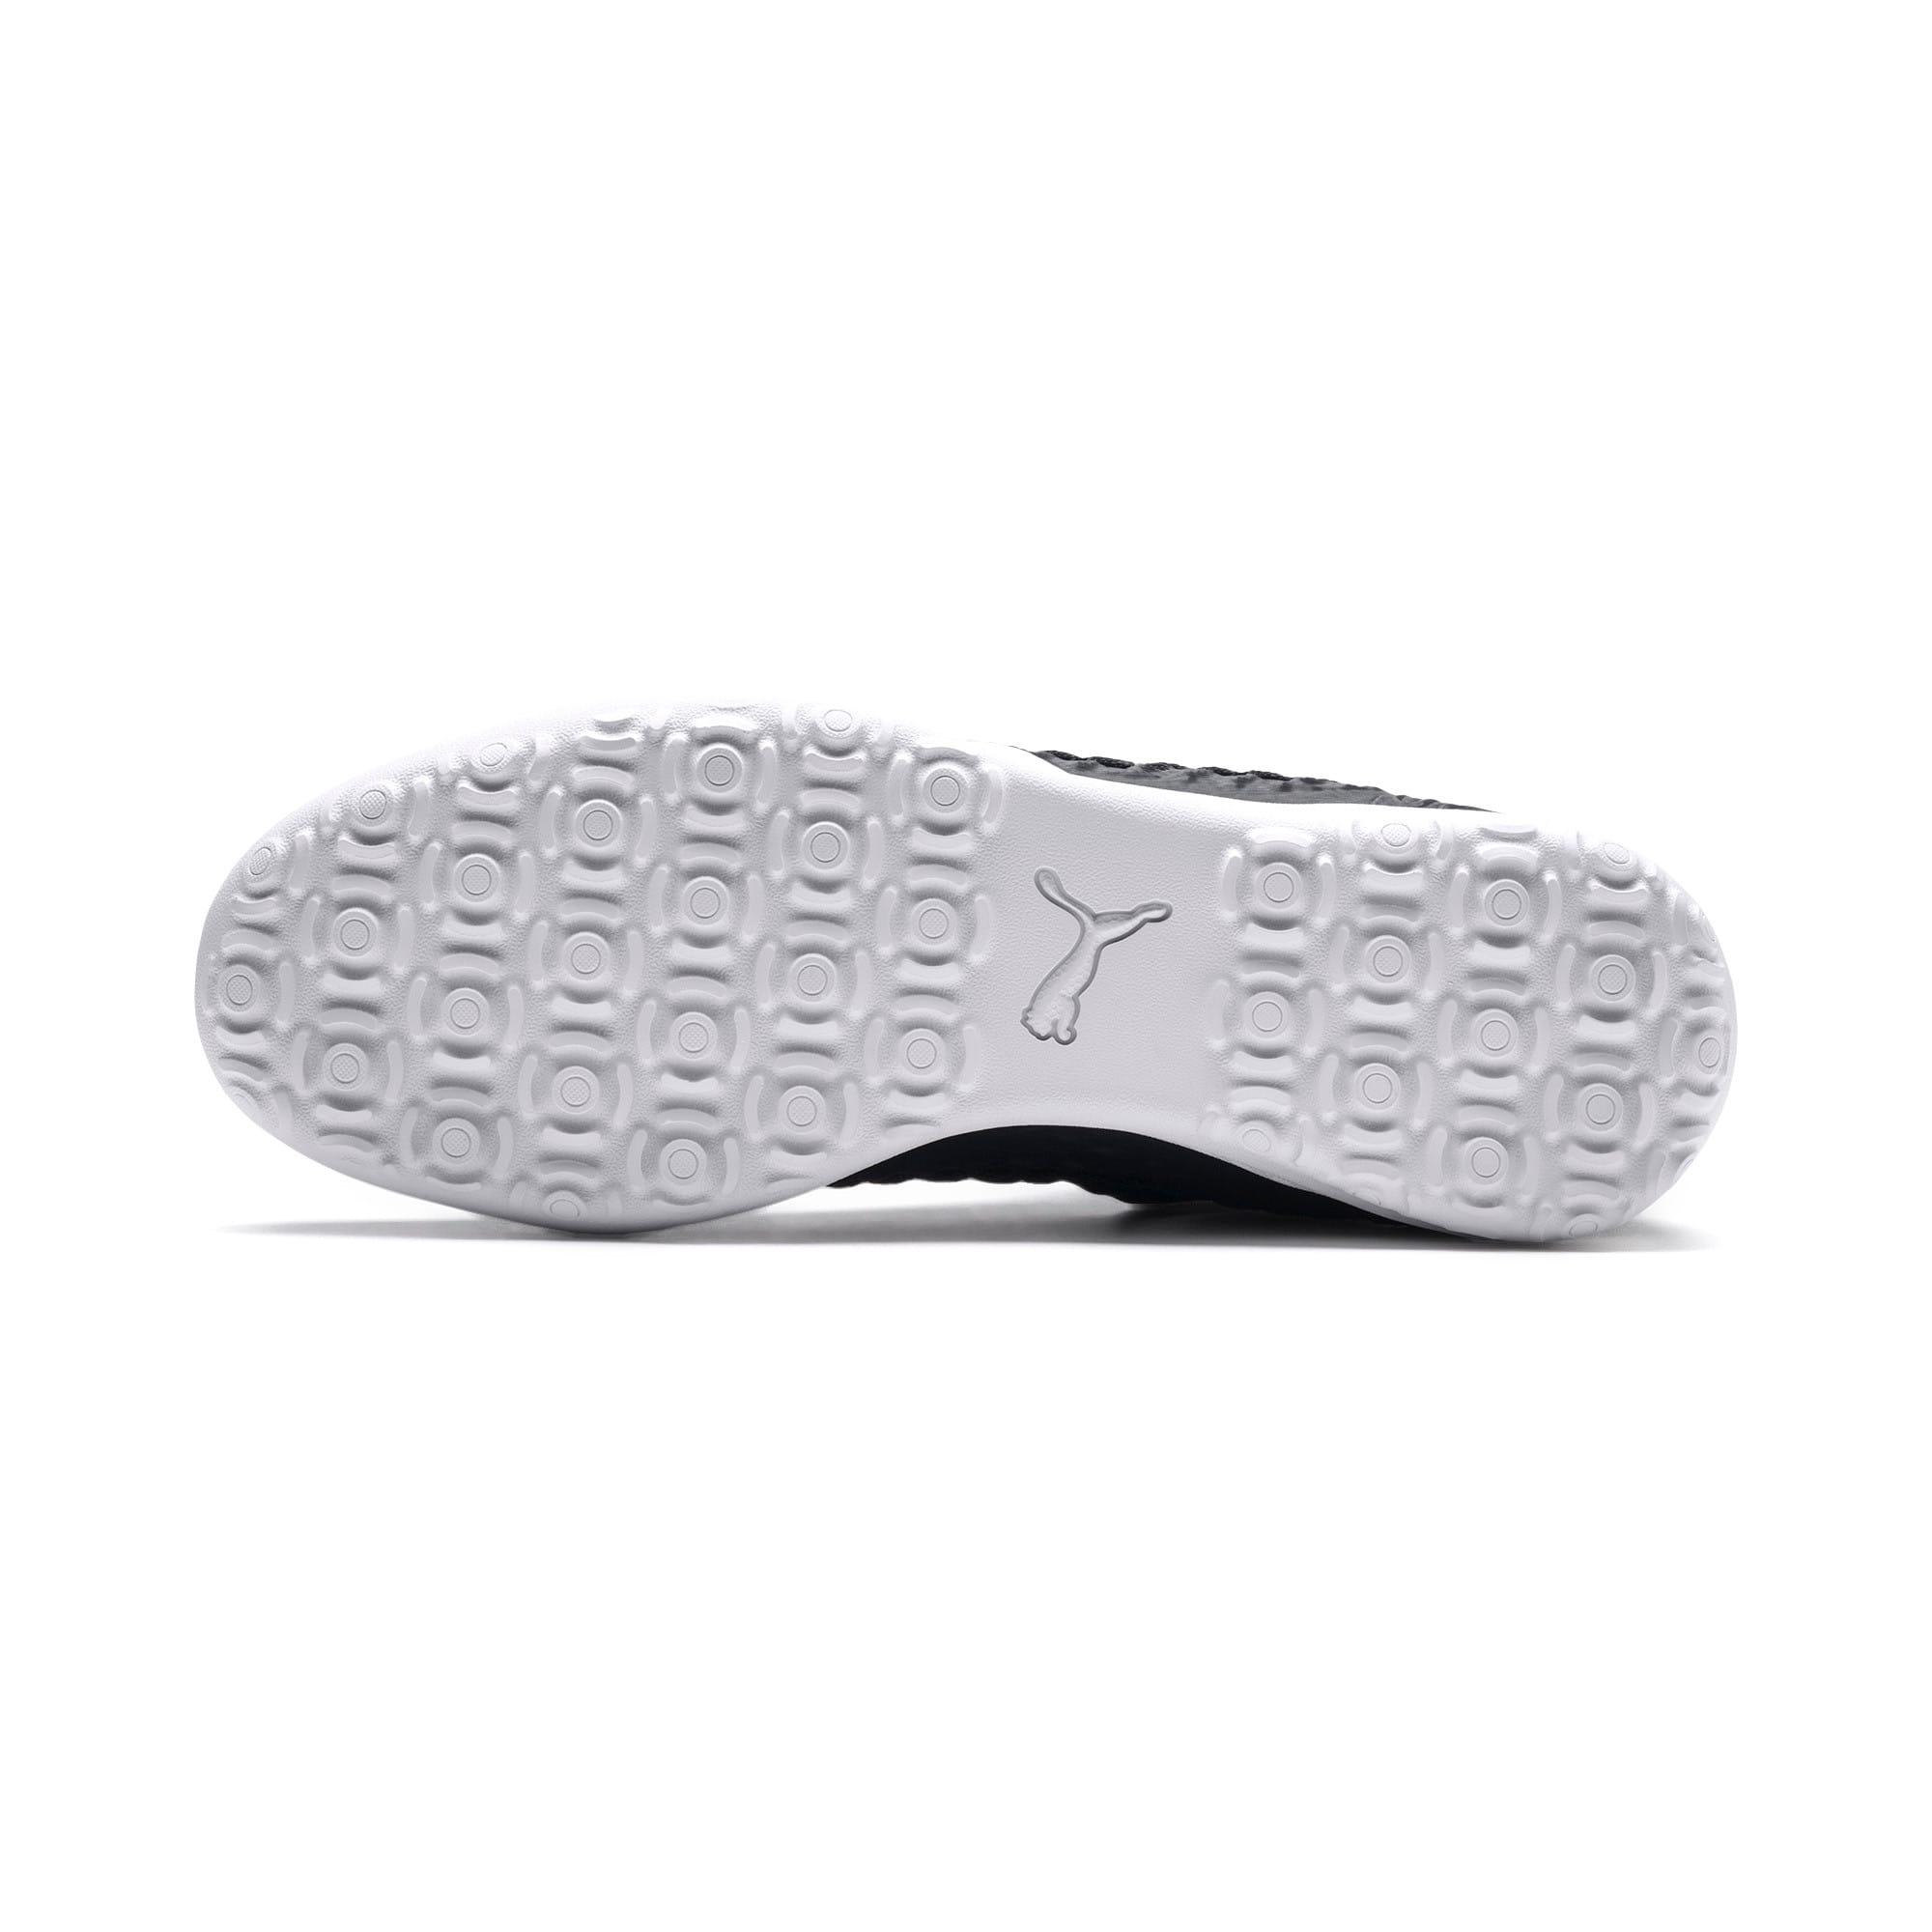 Thumbnail 3 of FUTURE 19.3 NETFIT TT Men's Soccer Shoes, Puma Black-Puma Black-White, medium